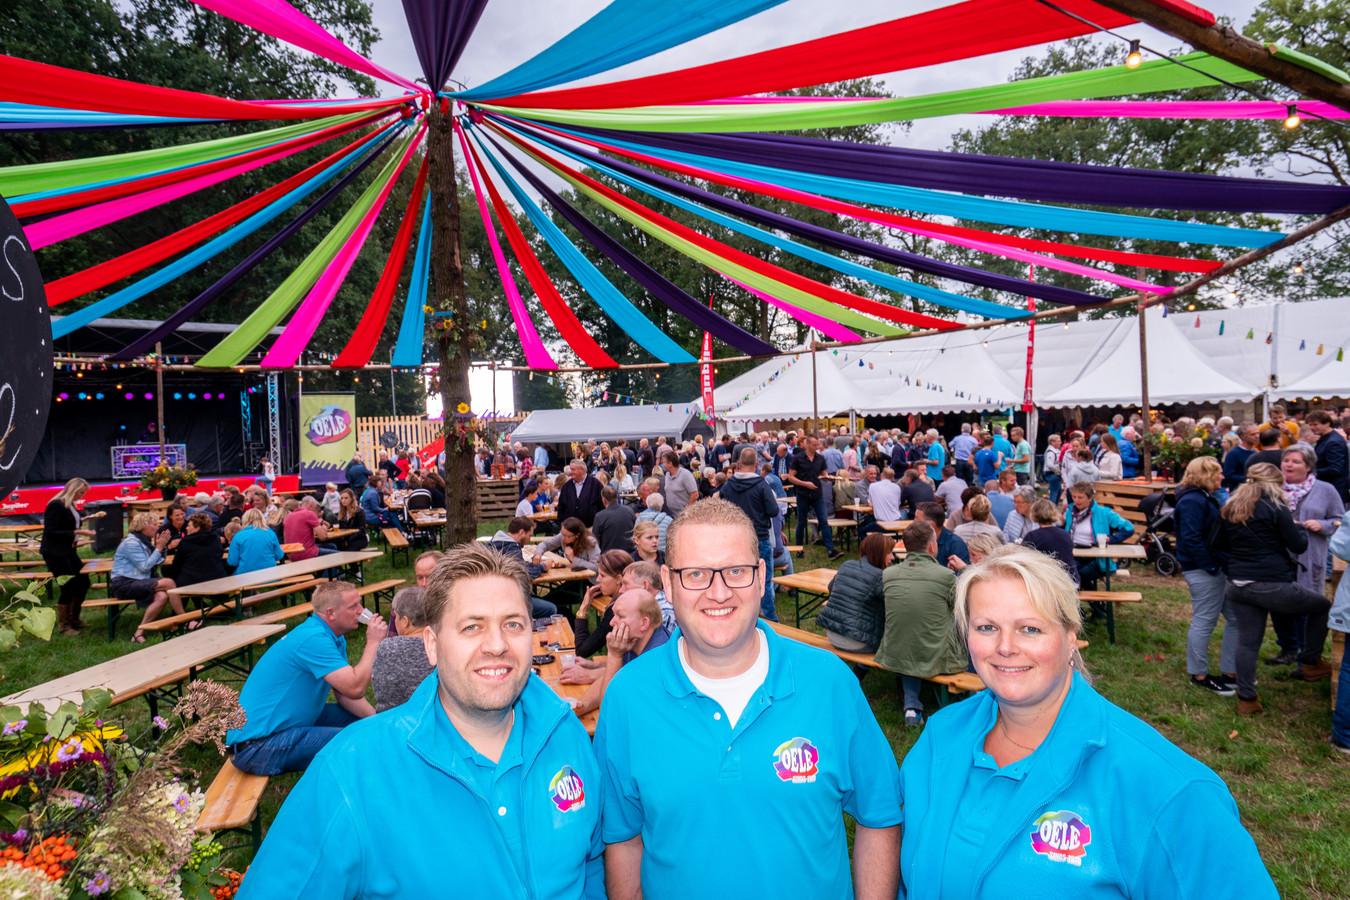 Het bestuur van de volksfeesten: Emiel Vehof (links), Christian Markslag en Maureen Brinkman.